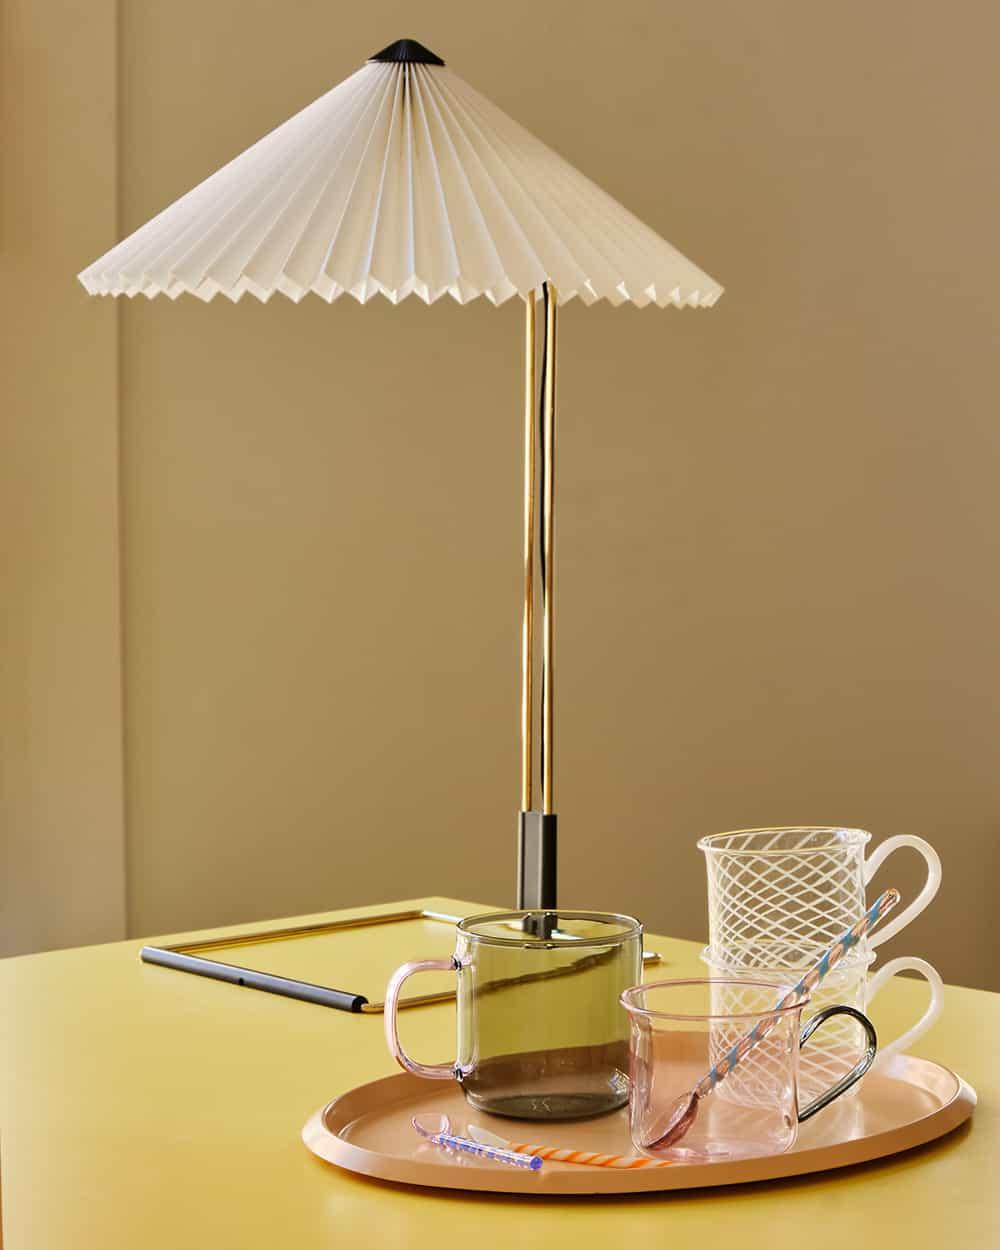 Lampe Matin - Inga Sampe - HAY